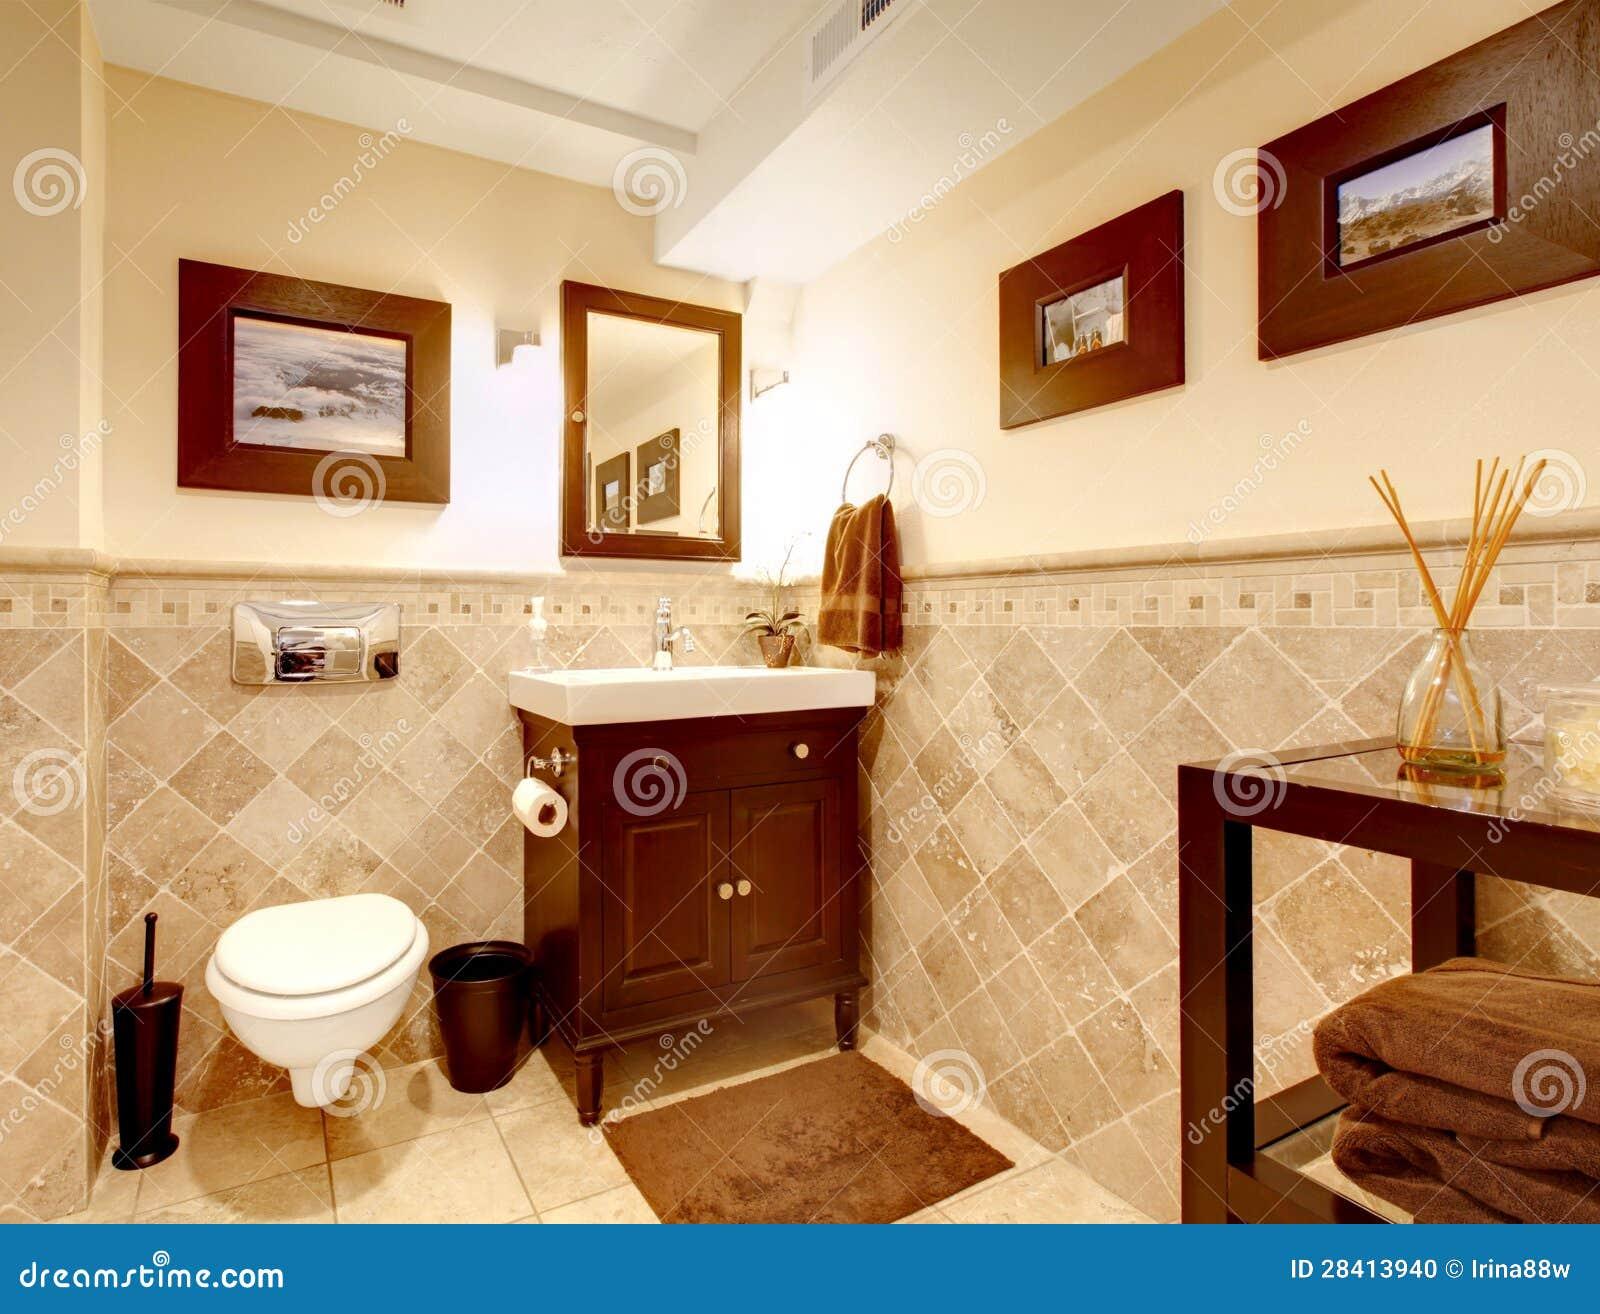 Interno elegante classico del bagno domestico fotografia stock immagine di domestico for Rivestimenti bagno classici